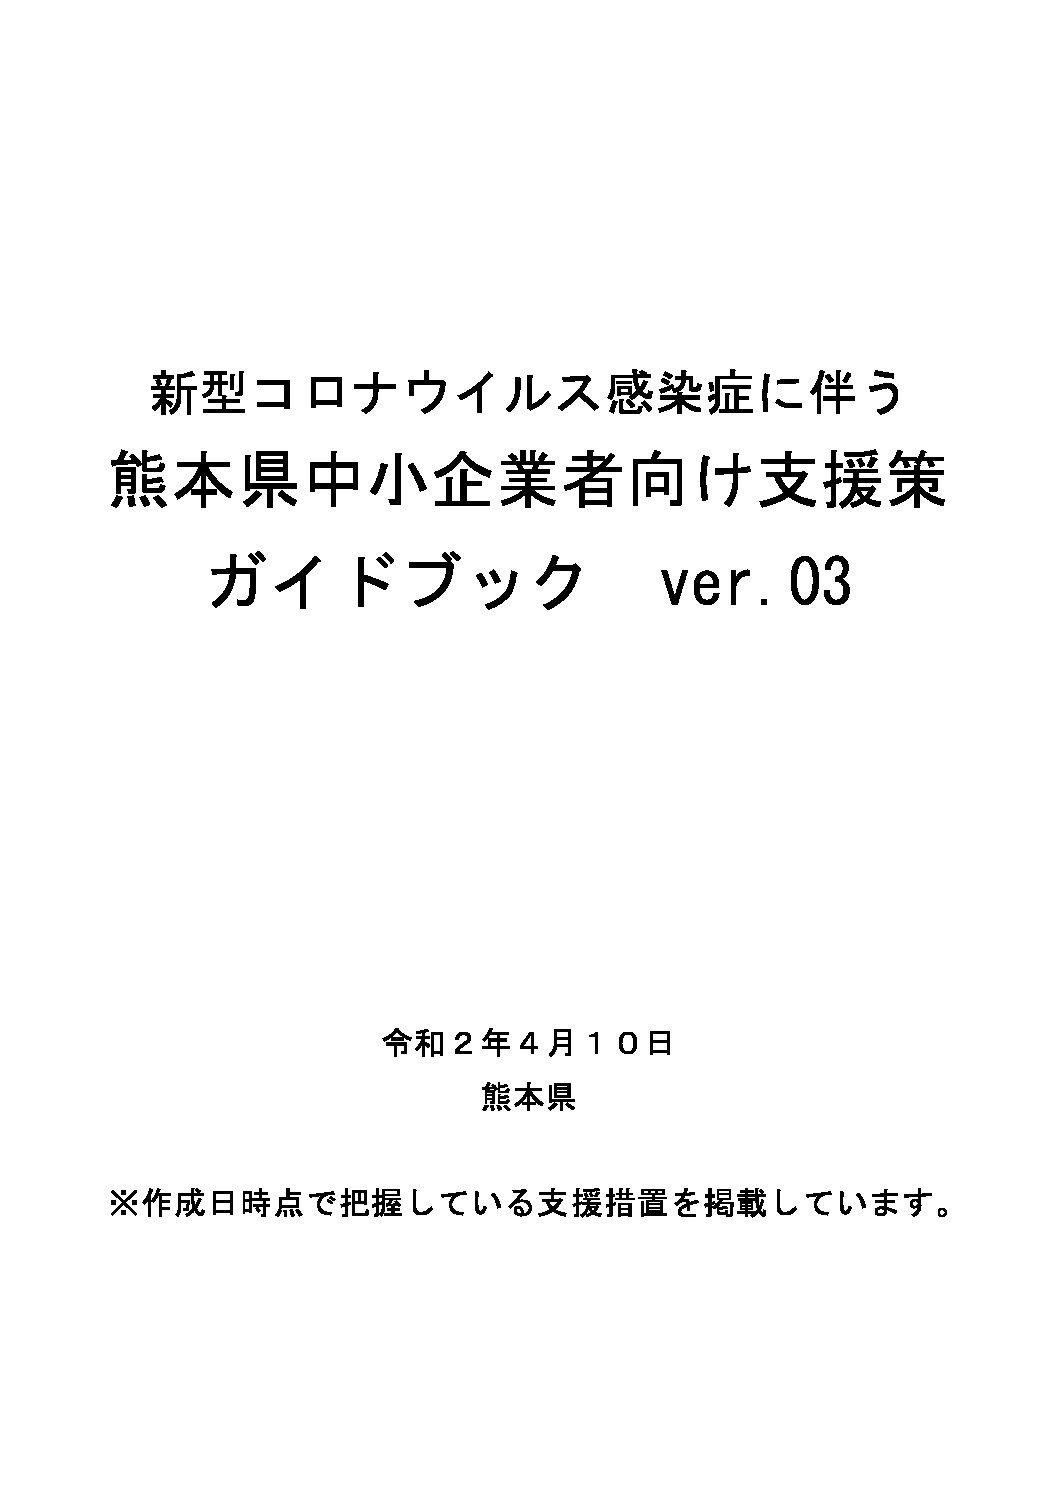 【熊本県】中小企業支援ガイドブックのお知らせ